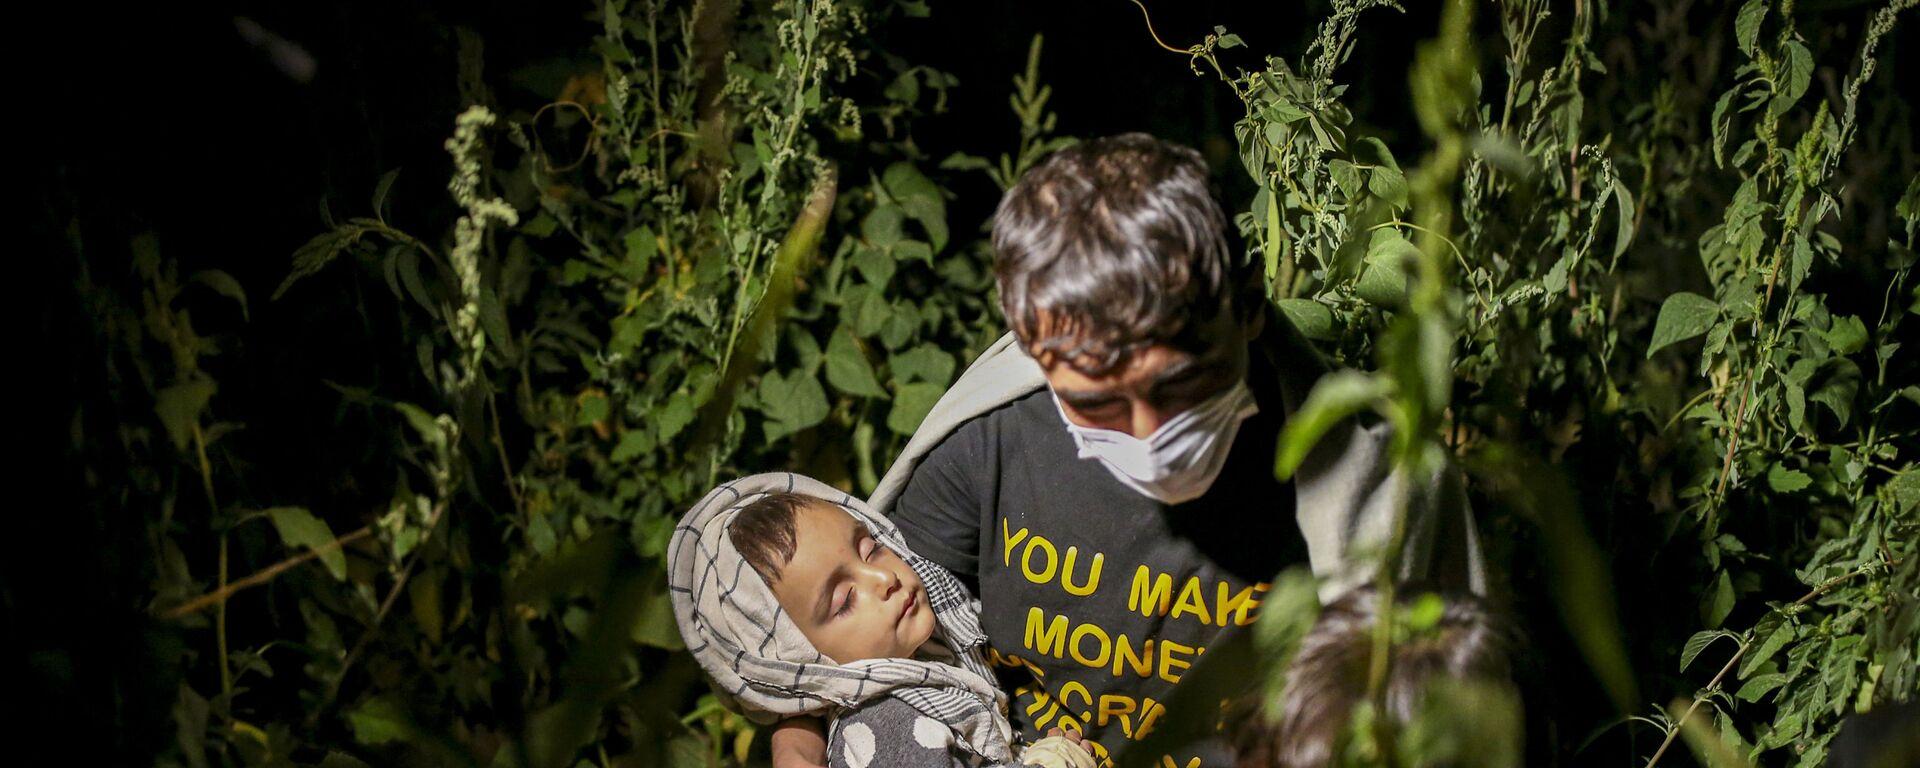 Афганские мигранты в Татване, Турция - Sputnik Тоҷикистон, 1920, 13.09.2021